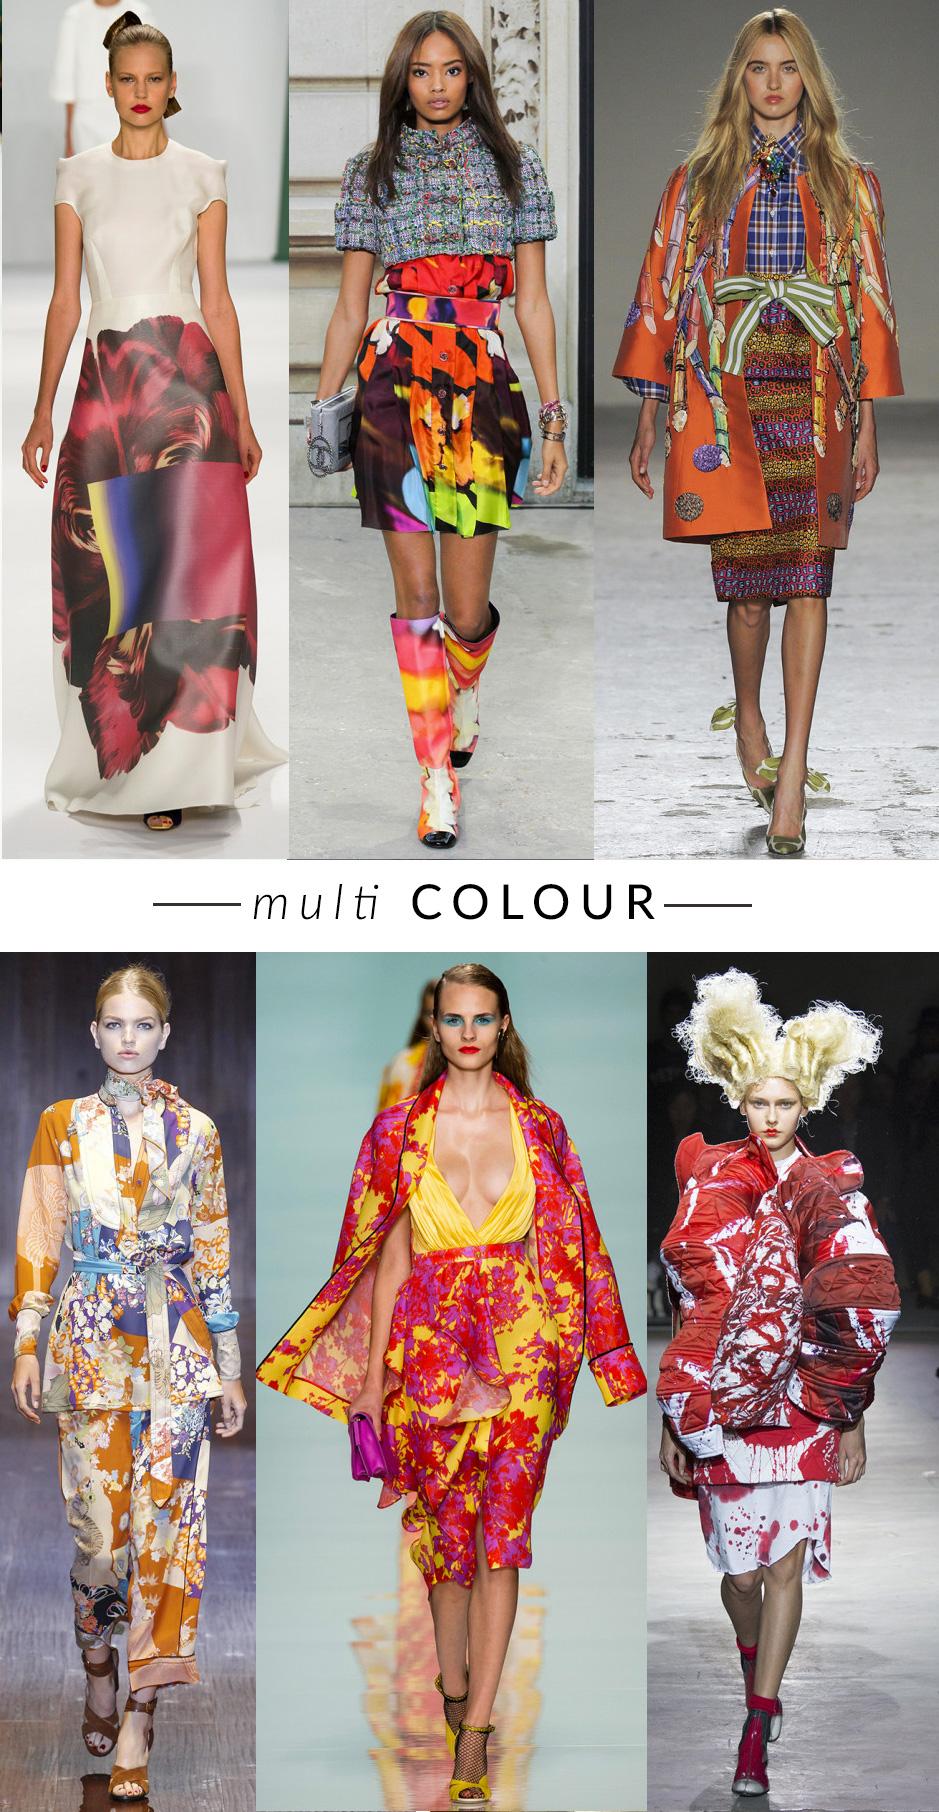 MULTICOLOR-STAMPEcolour-blocking trend moda primavera estate 2015 fashion blogger elena schiavon